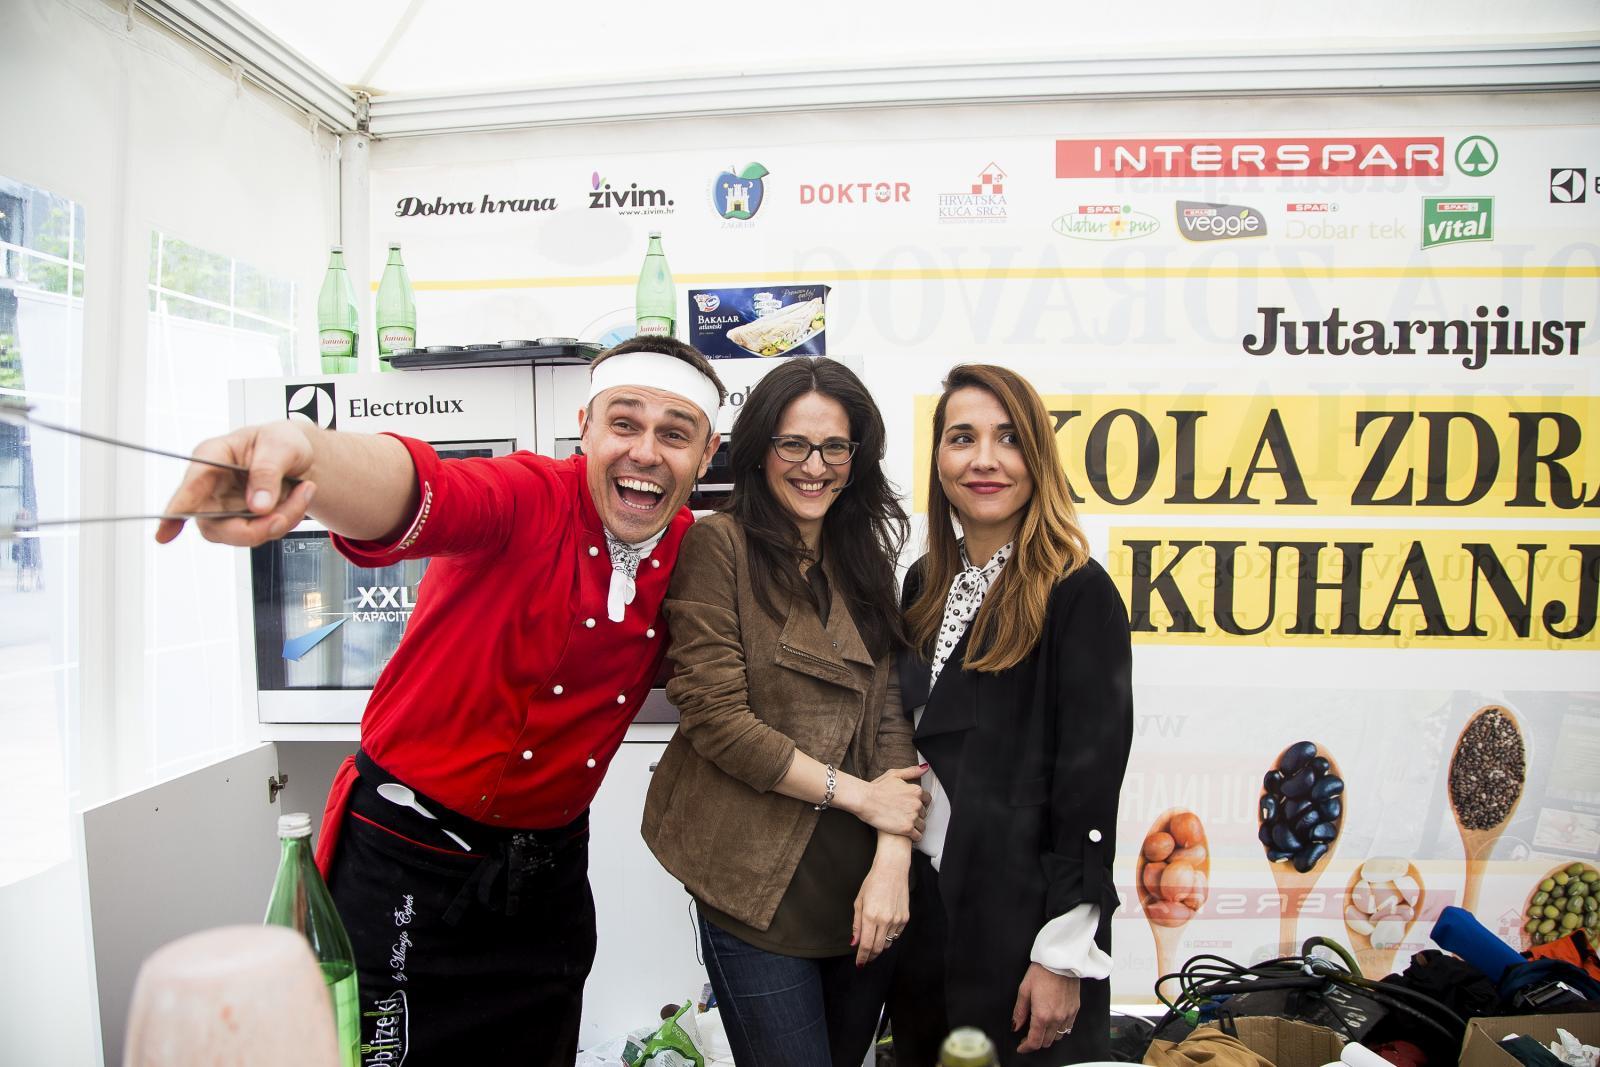 Za fine i zdrave zalogaje, korisne savjete i zabavnu atmosferu bili su zaduženi chef Mario Čepek, nutricionistica Karmen Matković Melki i voditeljica Marijana Batinić.